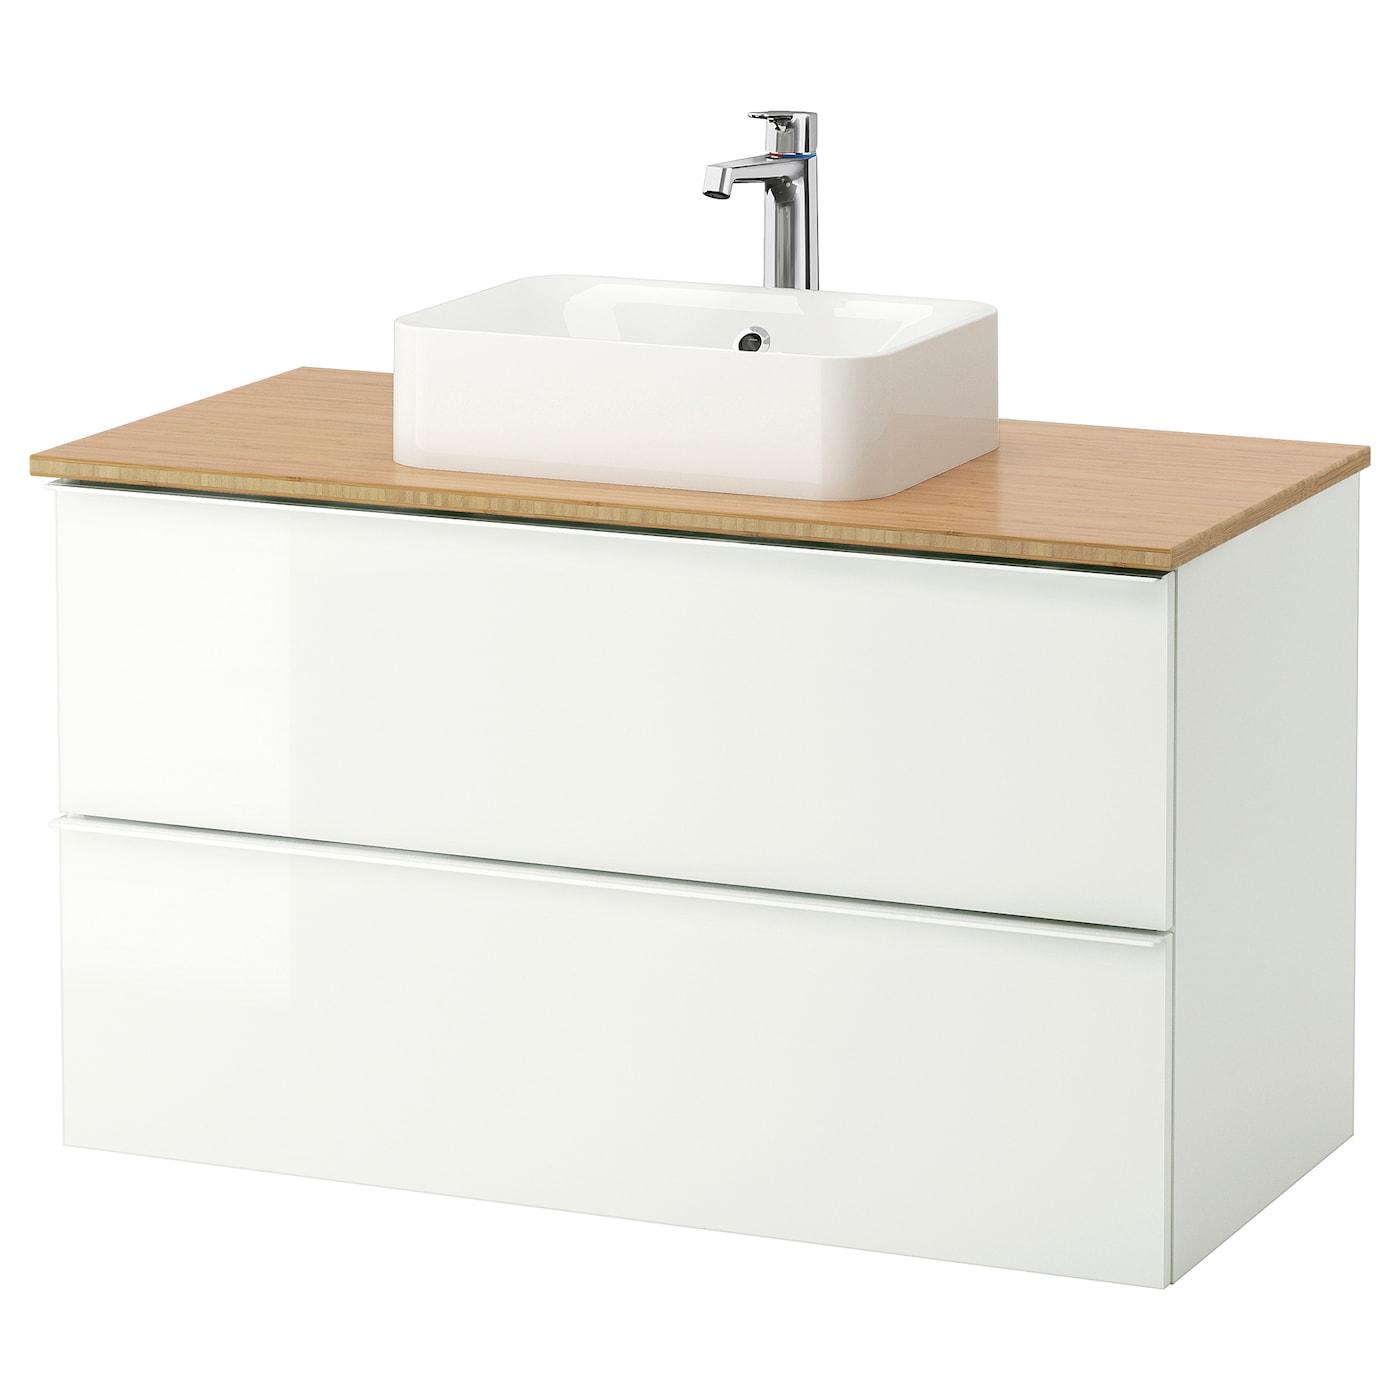 GODMORGON/TOLKEN / HÖRVIK, Waschbeckenschr+Aufsatzwaschb 45x32, Hochglanz weiß, weiß 592.087.48